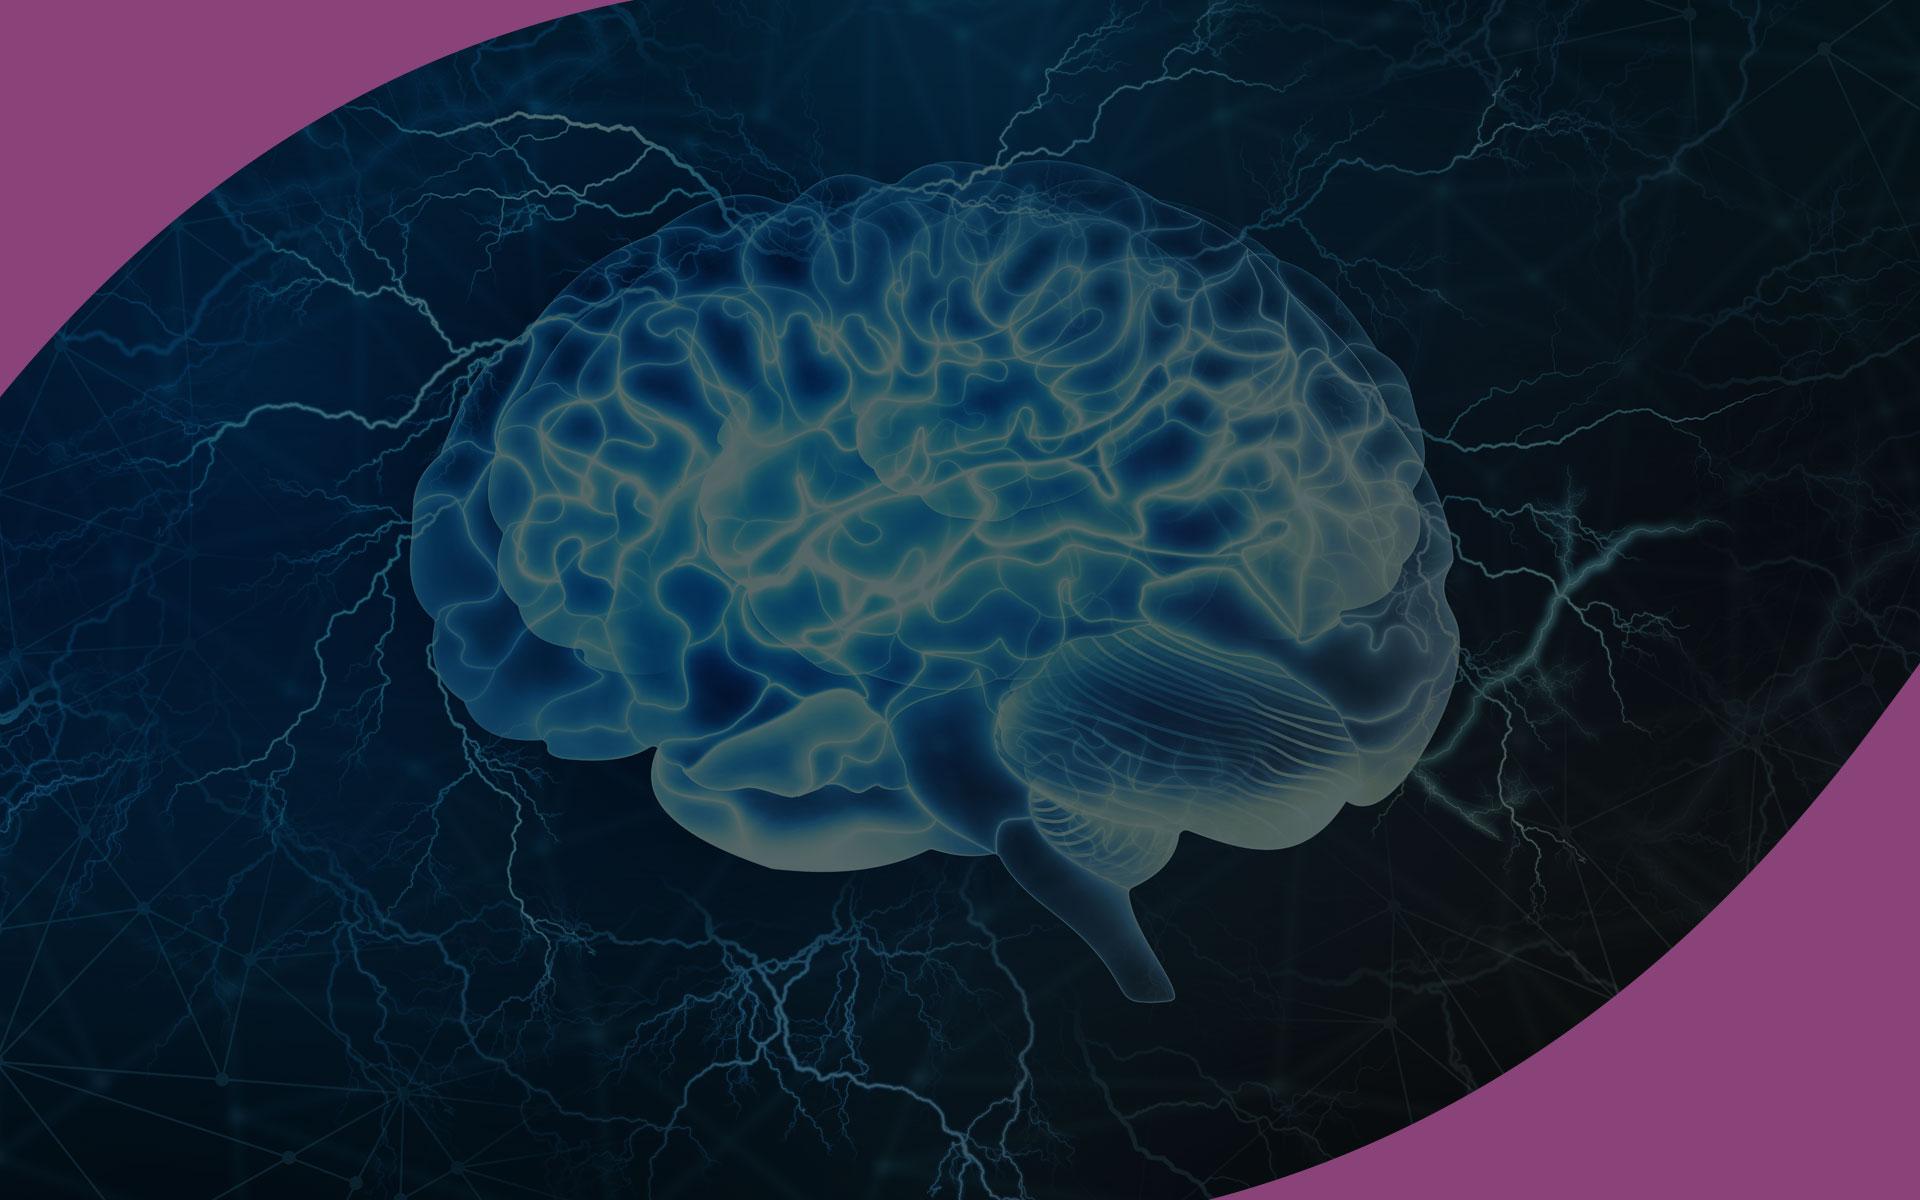 Aprimoramento em distúrbios neurológicos adquiridos: Fala, linguagem e demais aspectos da cognição